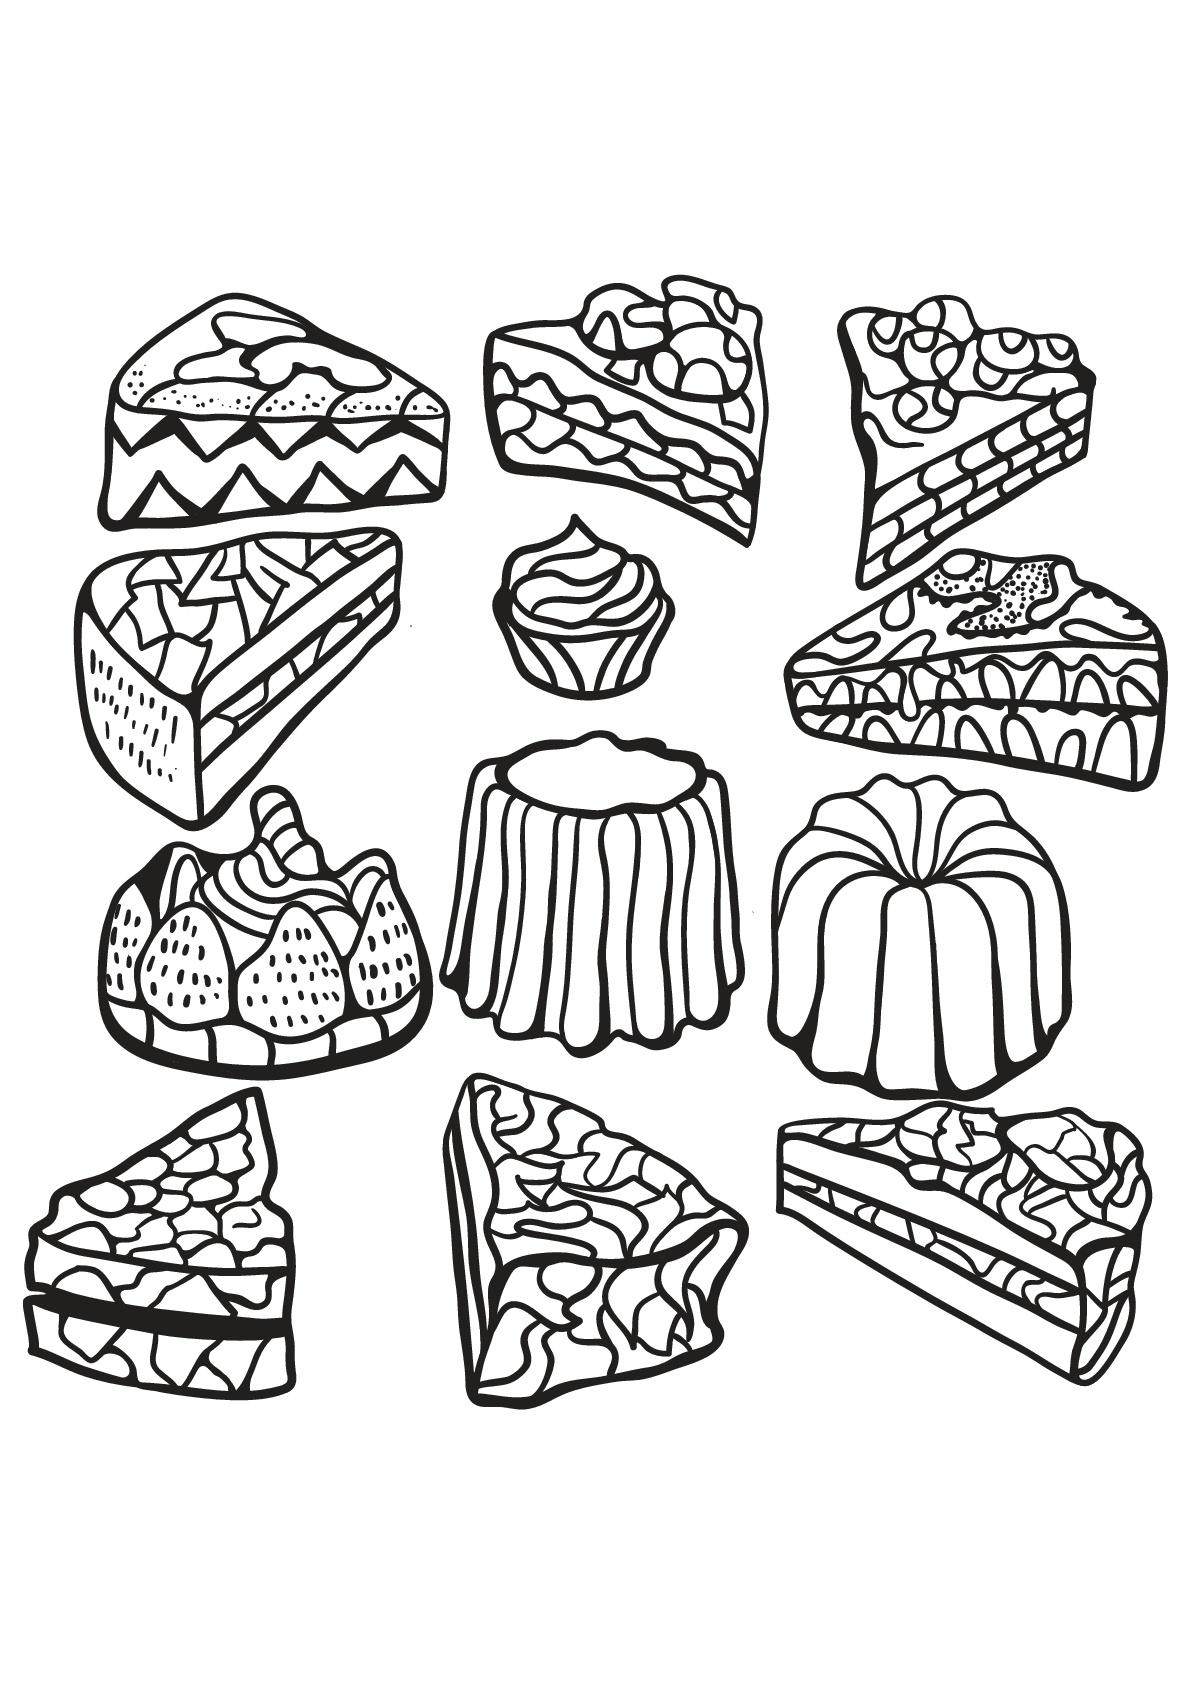 Livre gratuit cupcake 6 - Cupcakes et gâteaux - Coloriages ...